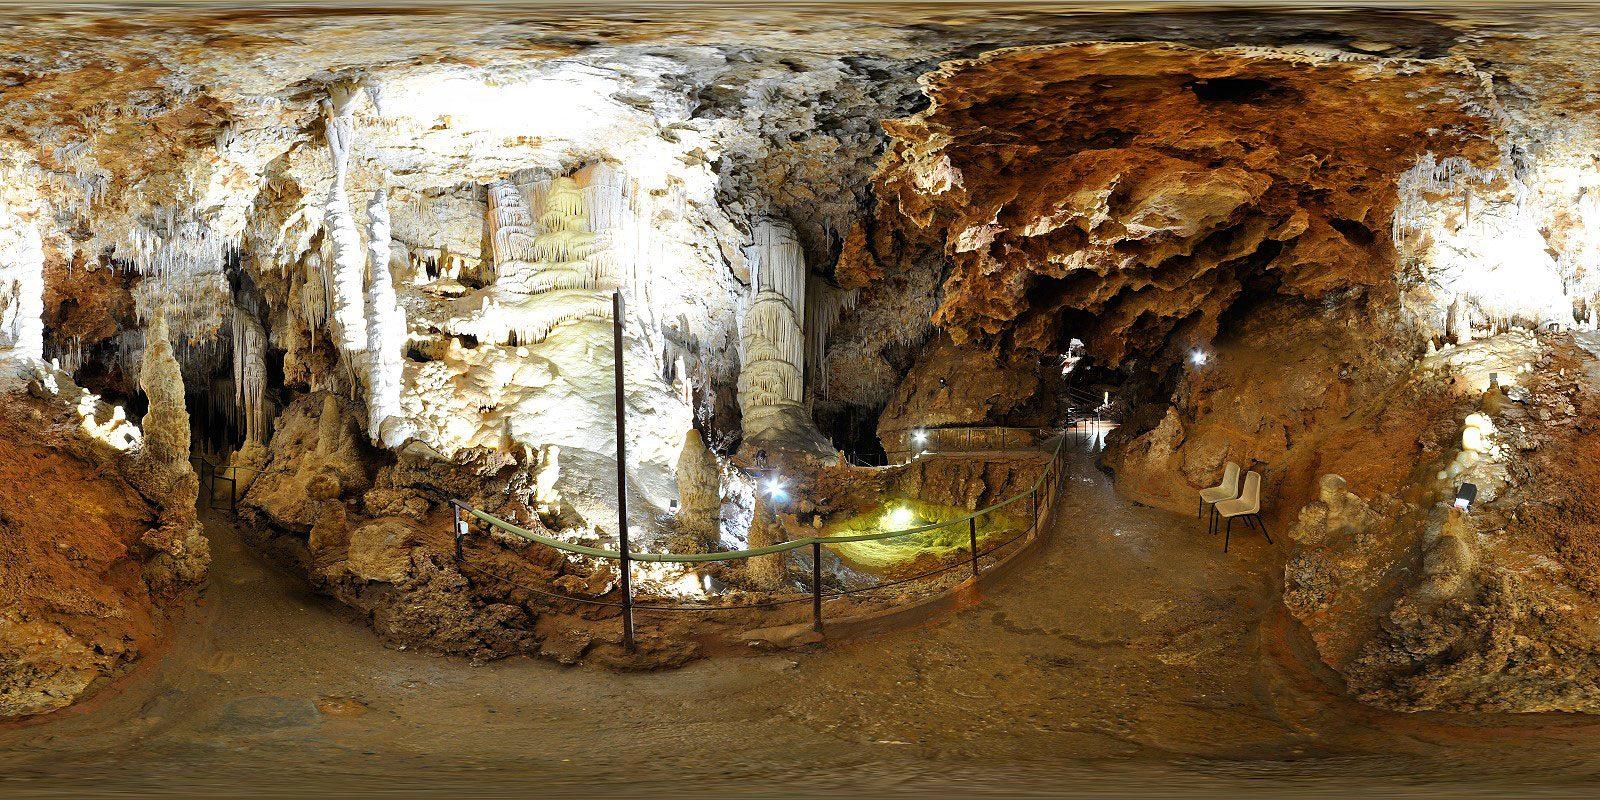 Grotte-de-Clamous